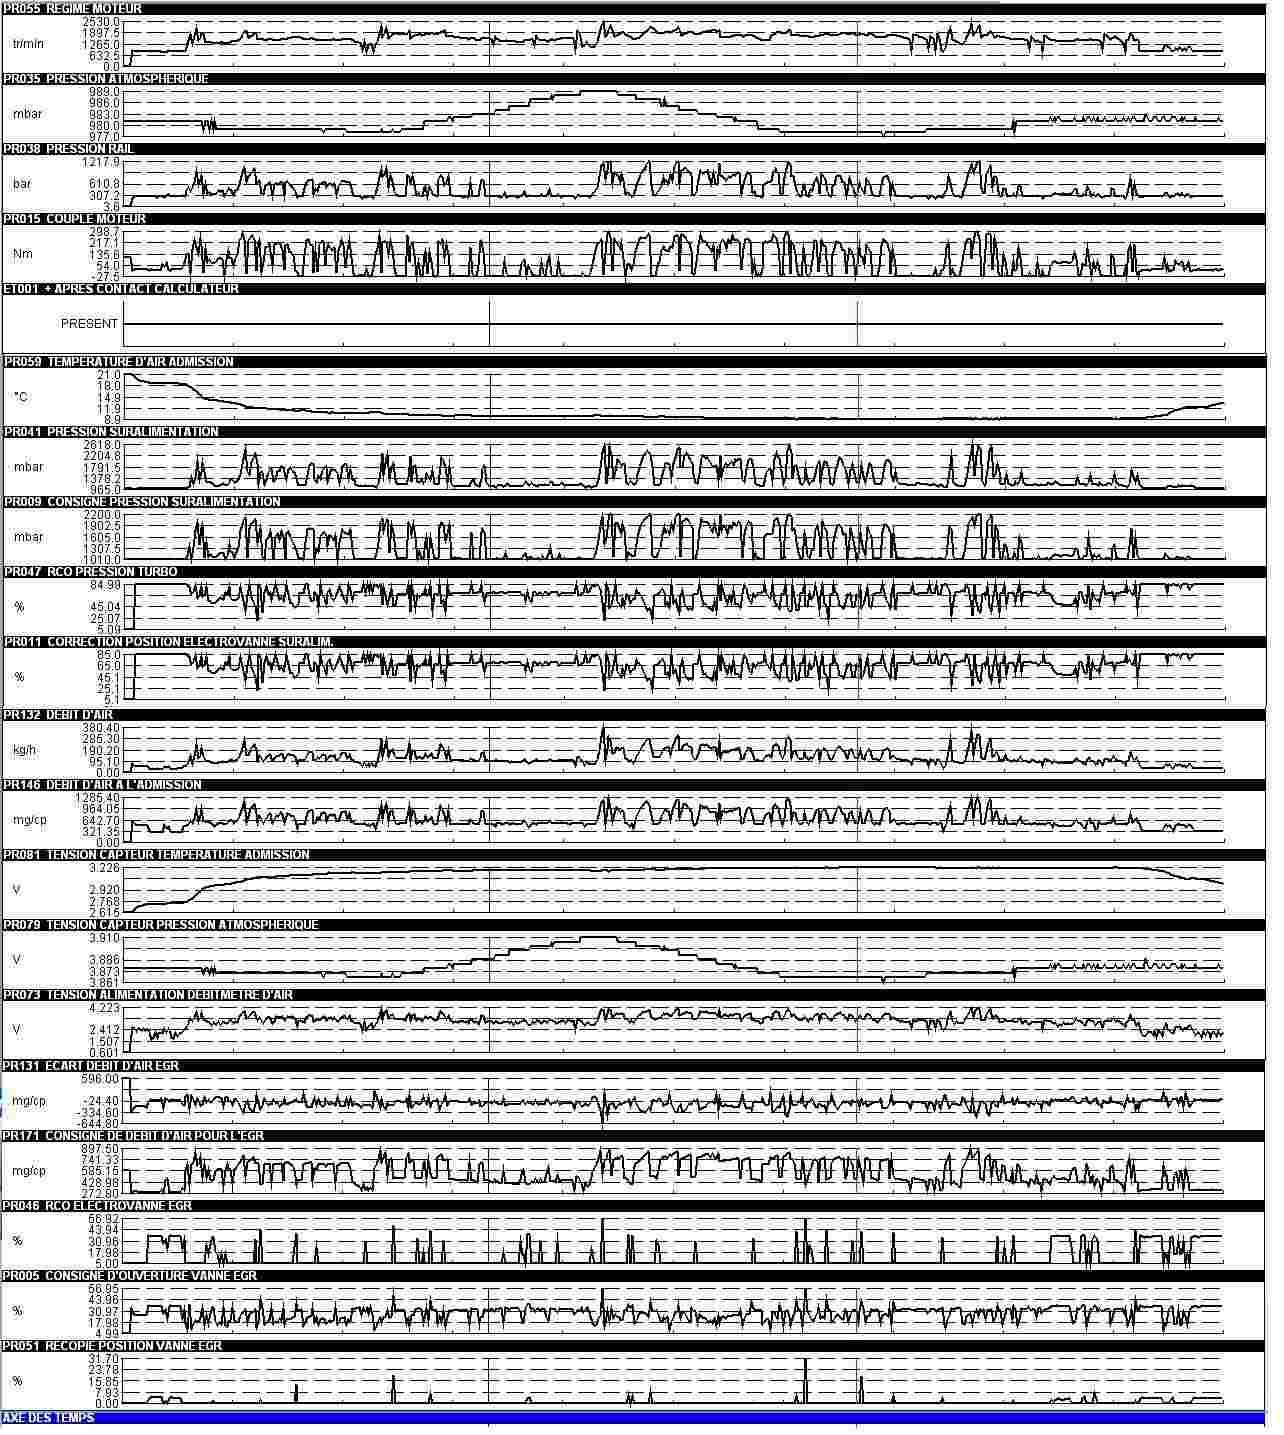 Vibration et léger bruit de claquement megane 2 1,9dci - Page 6 Enregi10